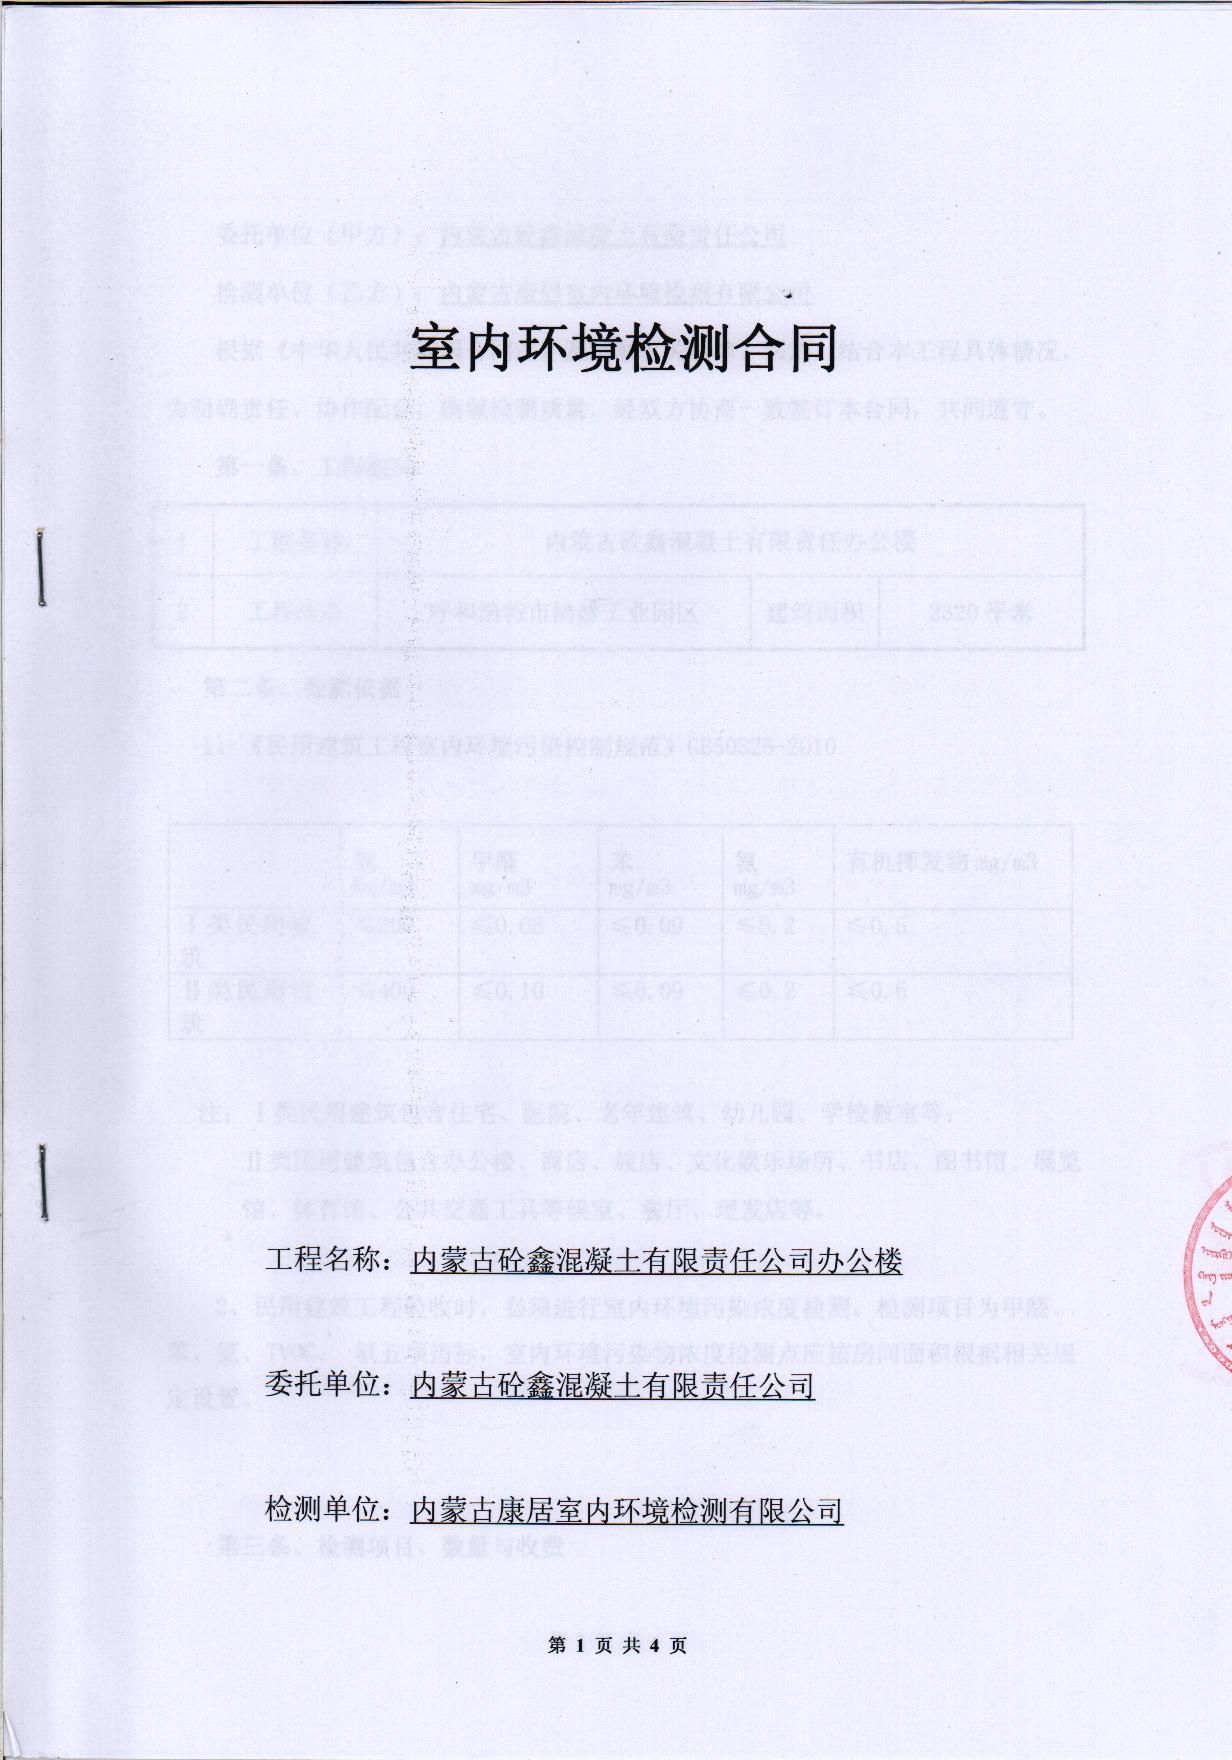 内蒙古砼鑫混凝土有限责任公司办公楼雷火app官网下载报告